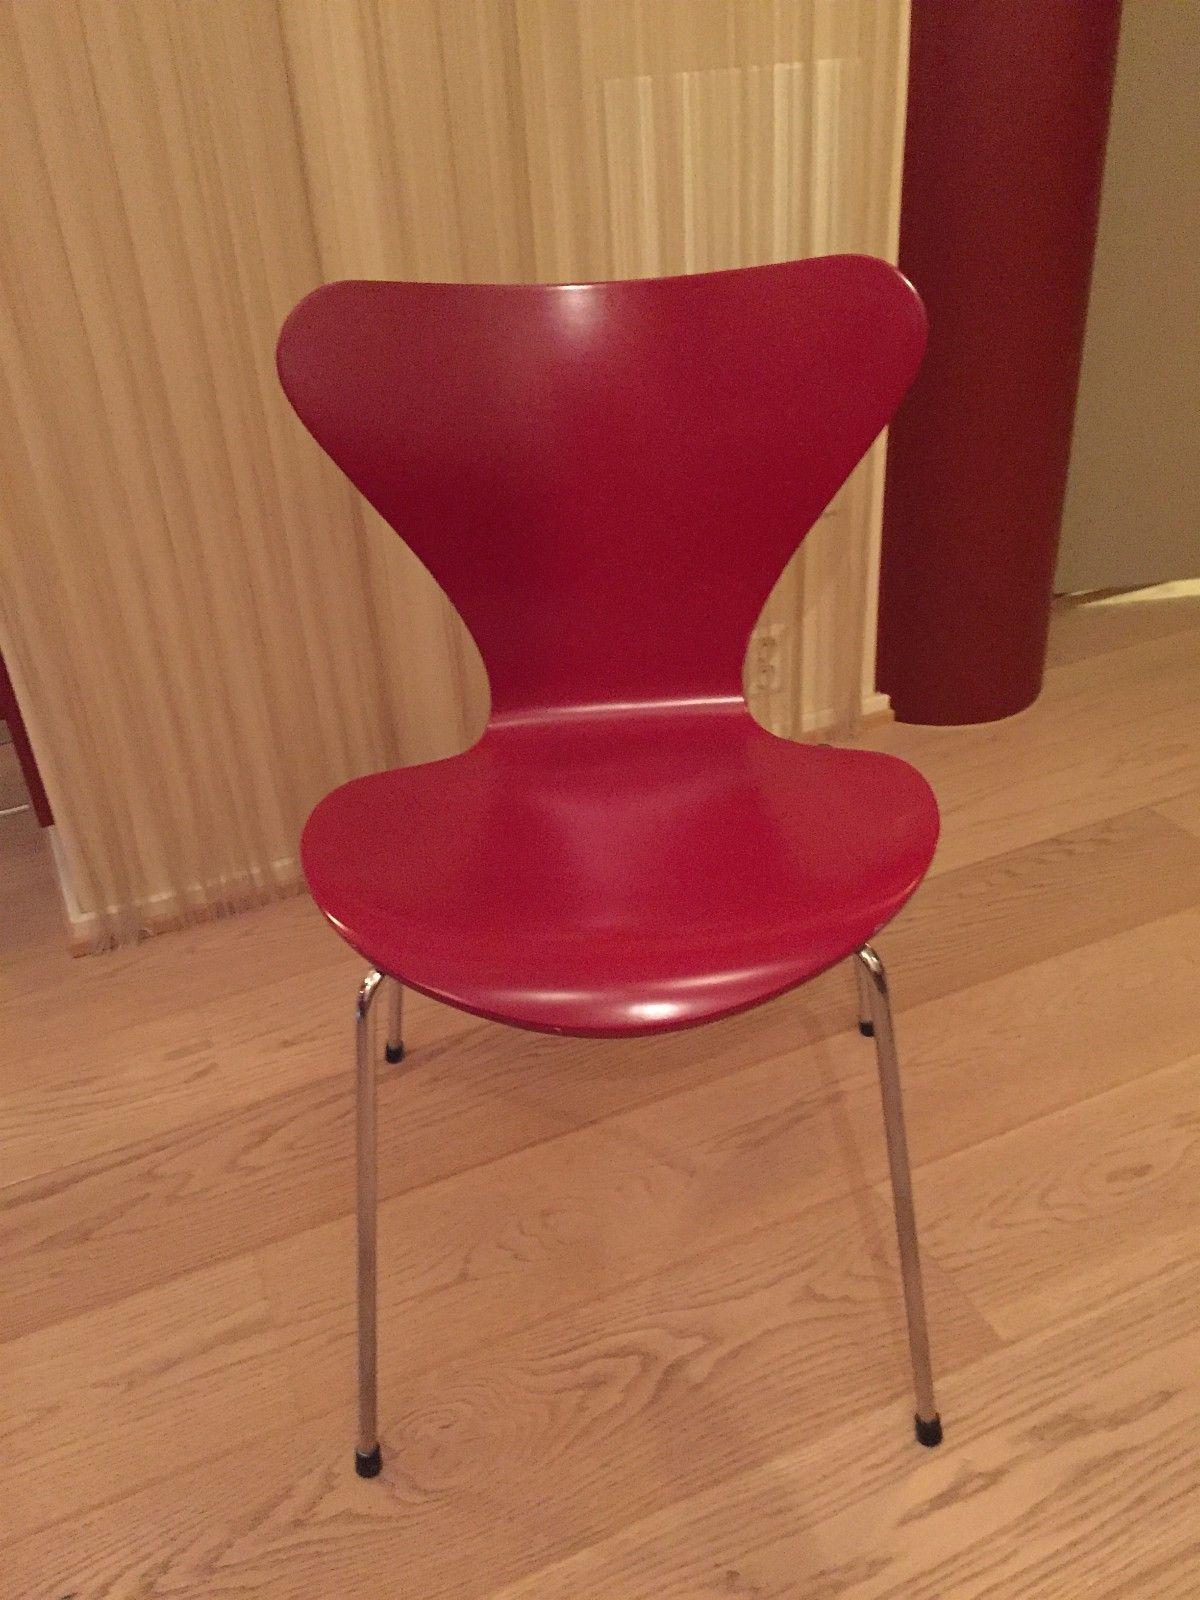 Syver-stoler, fra designer, Arne Jacobsen, selges for kr 1350 pr ...